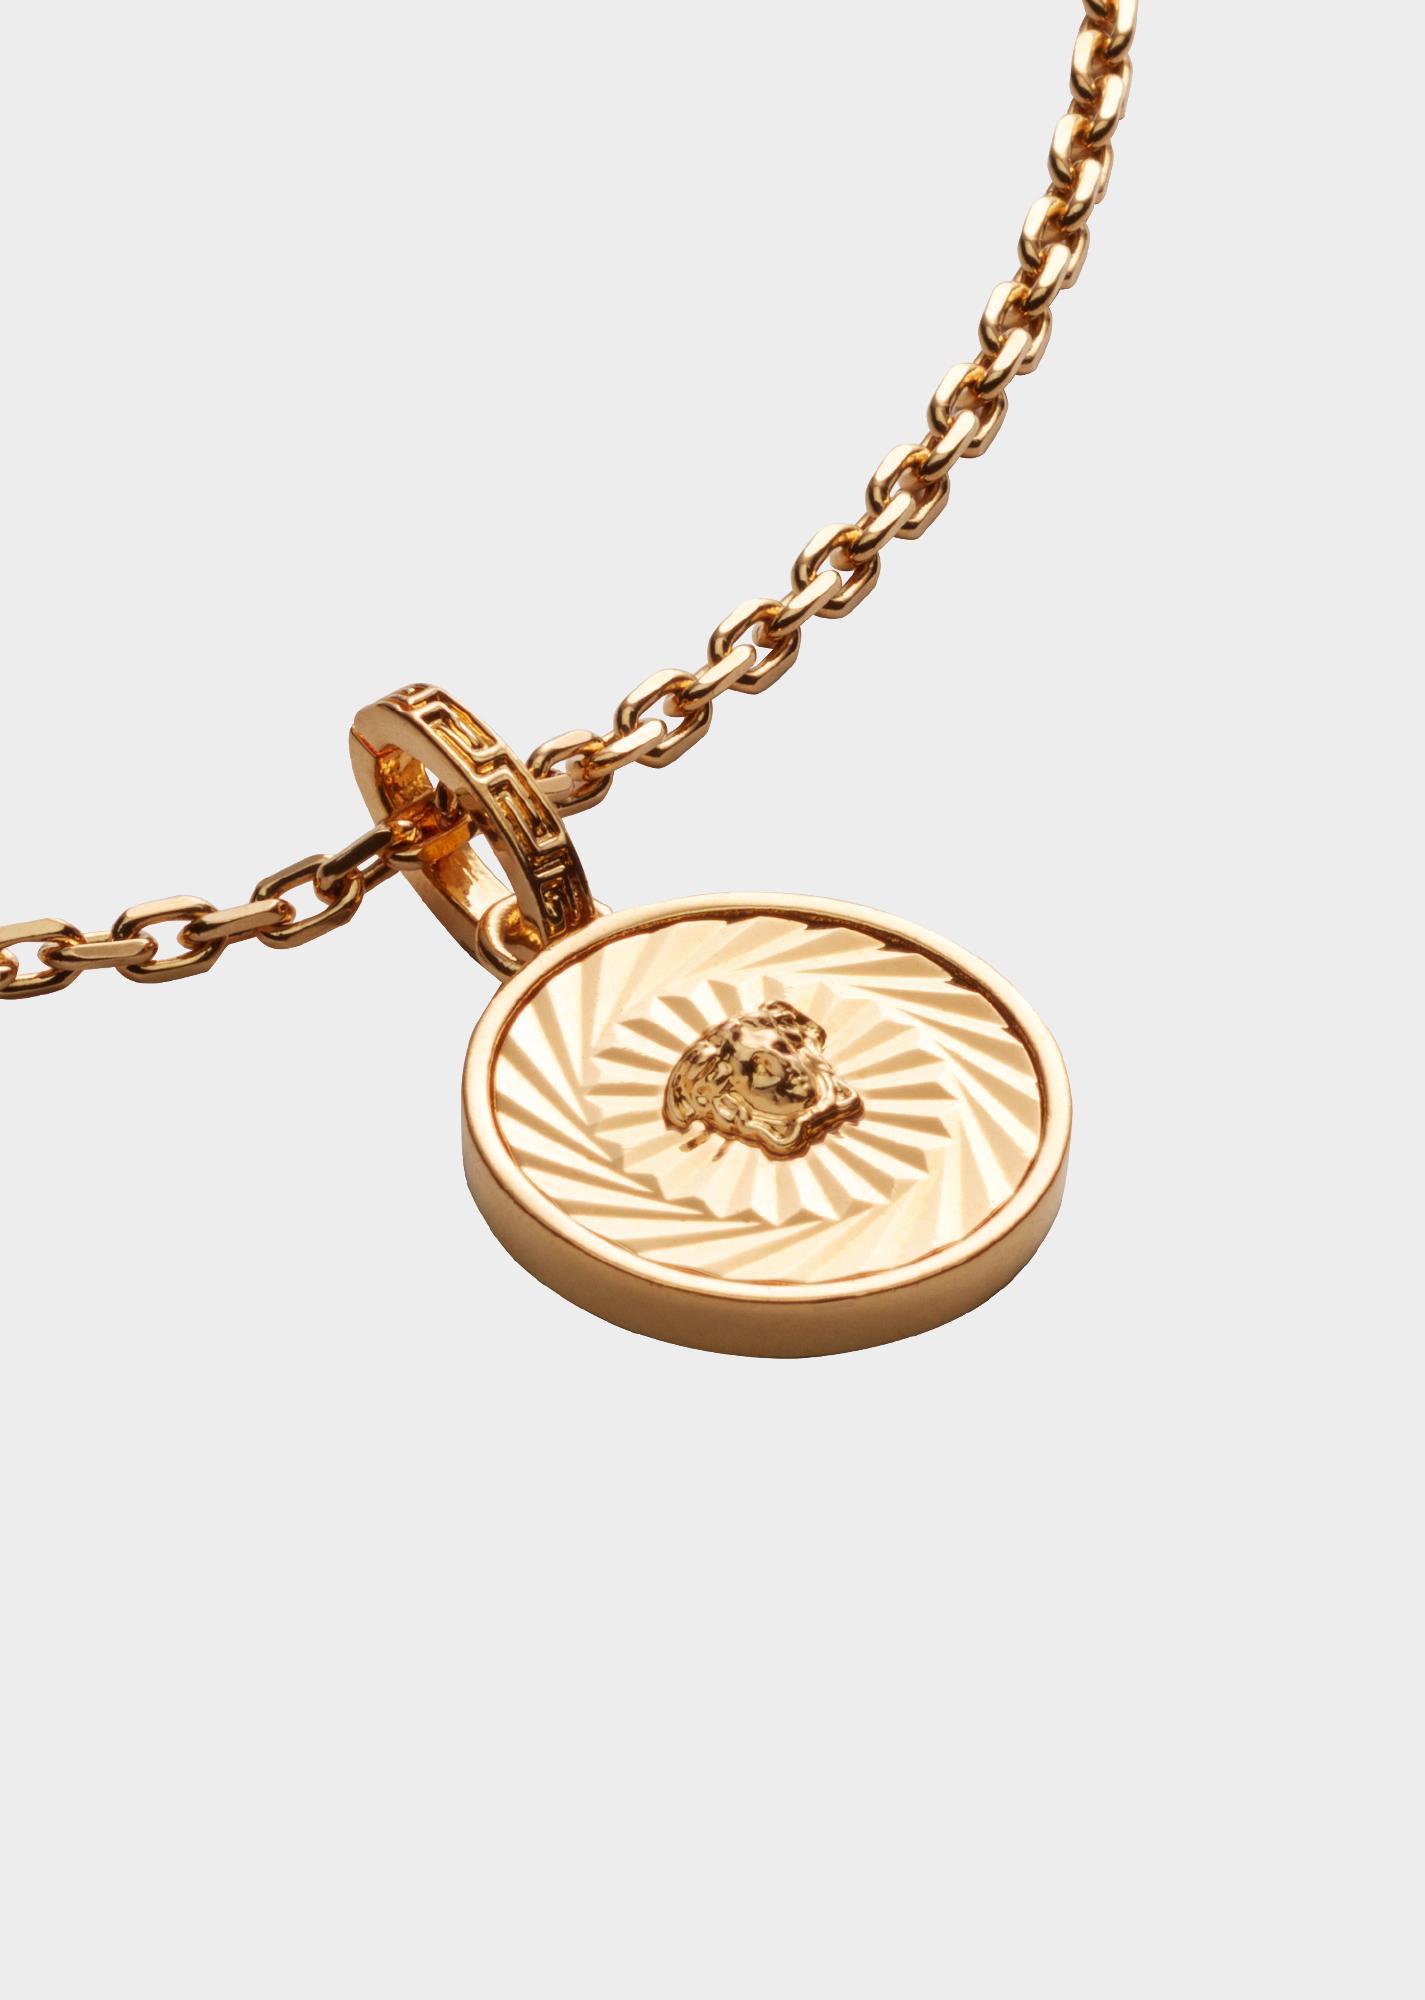 Versace Jewelry for Men.